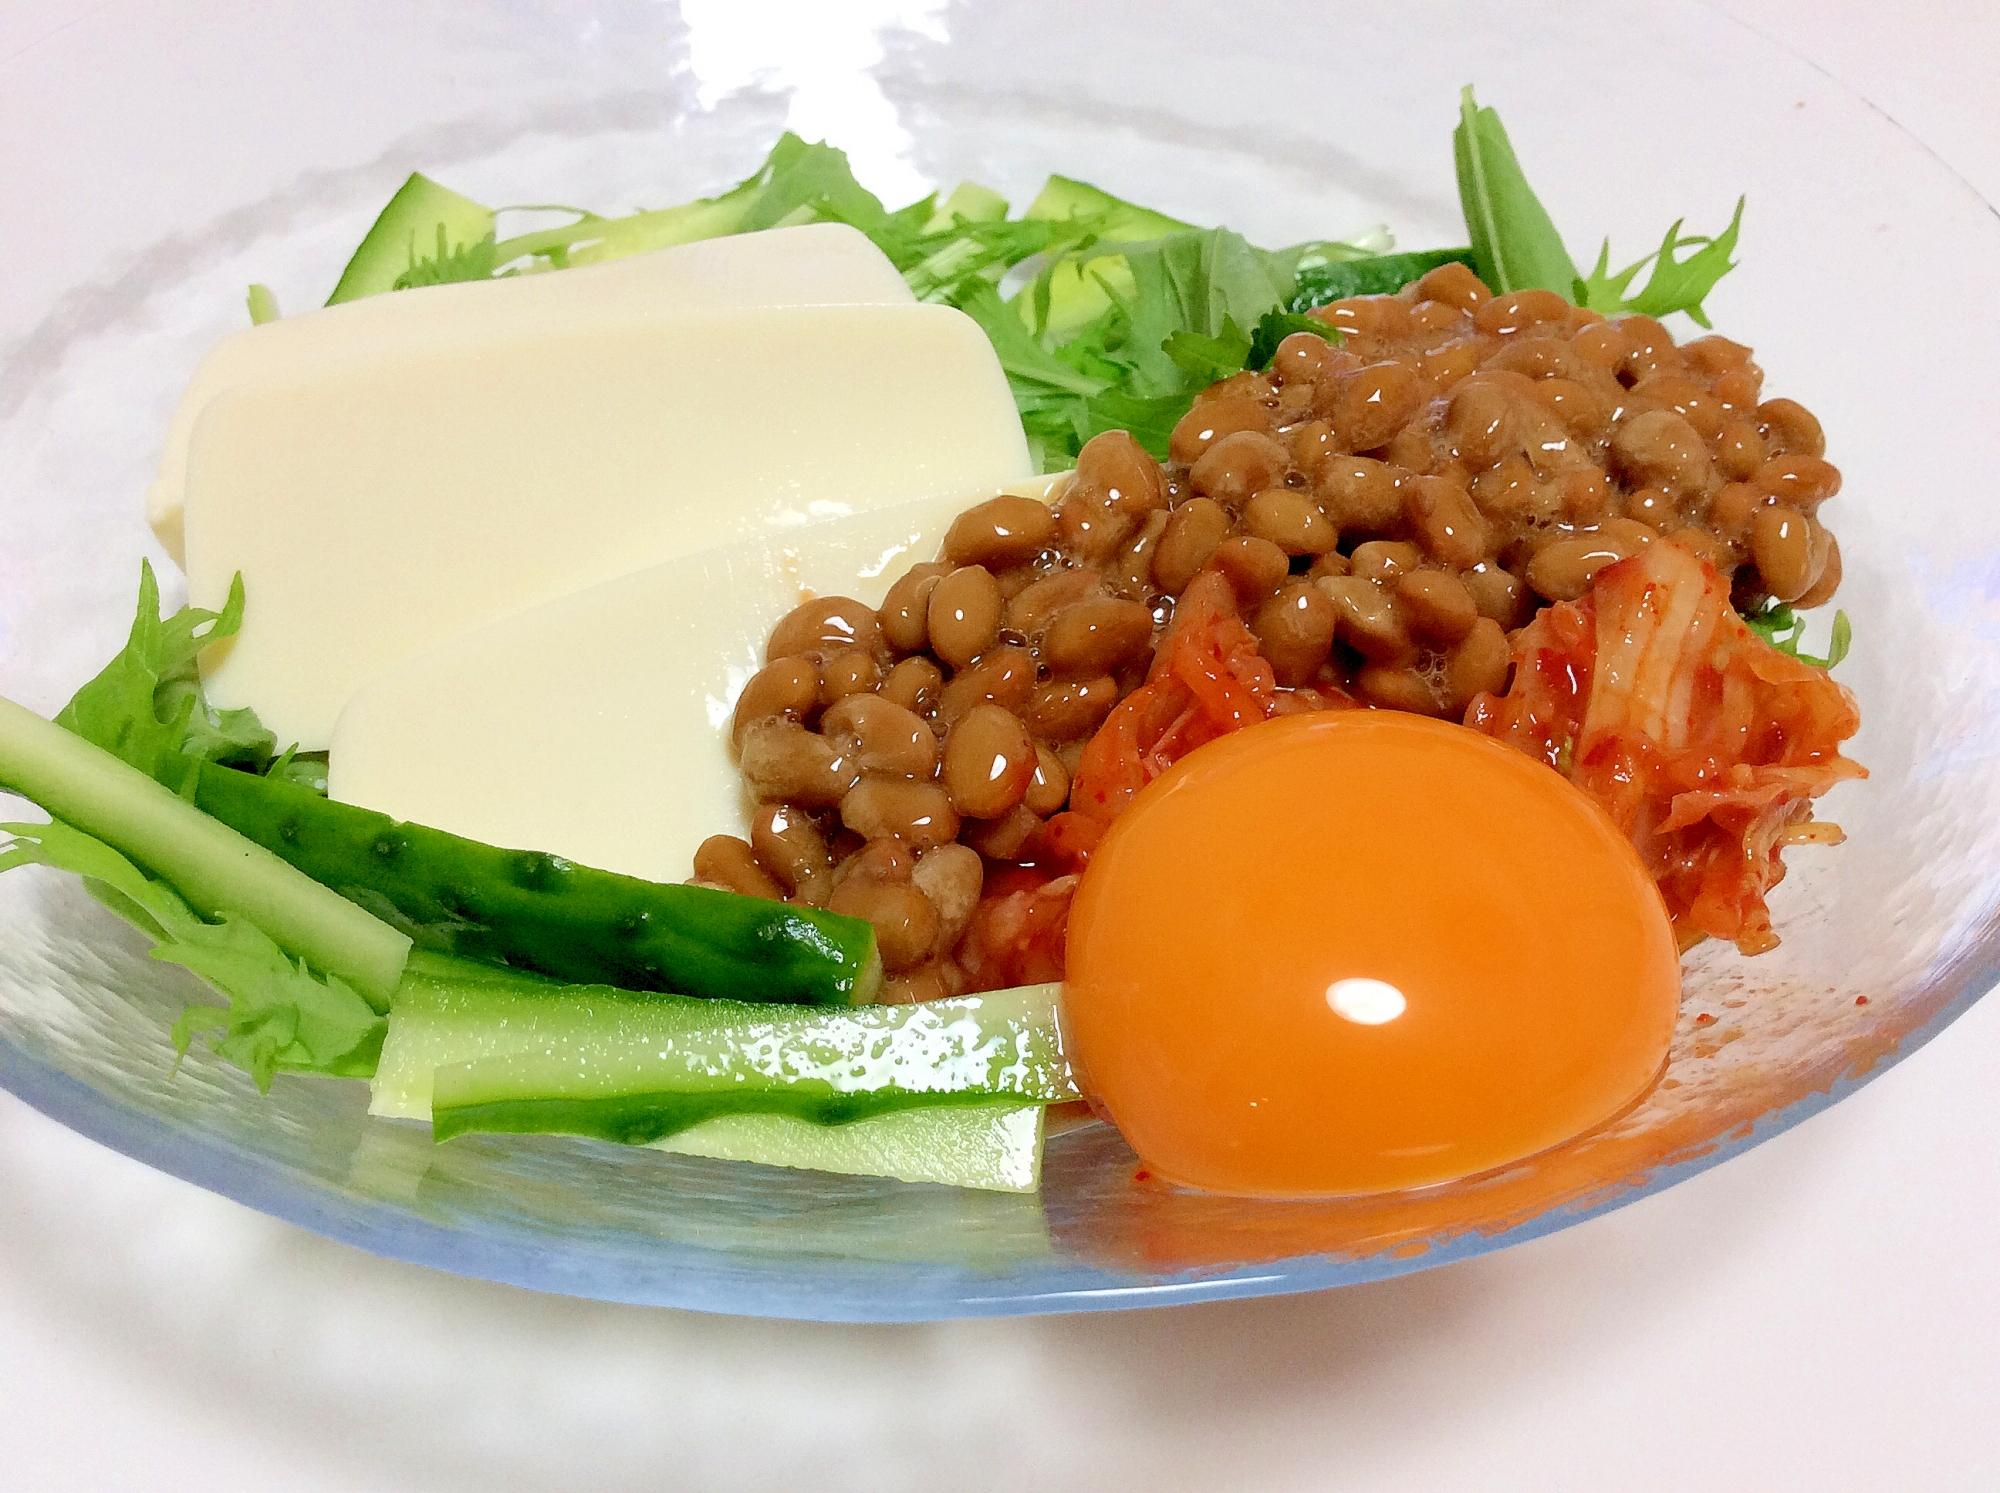 満腹ダイエット食♡亜麻仁油使用♡納豆と豆腐のサラダ